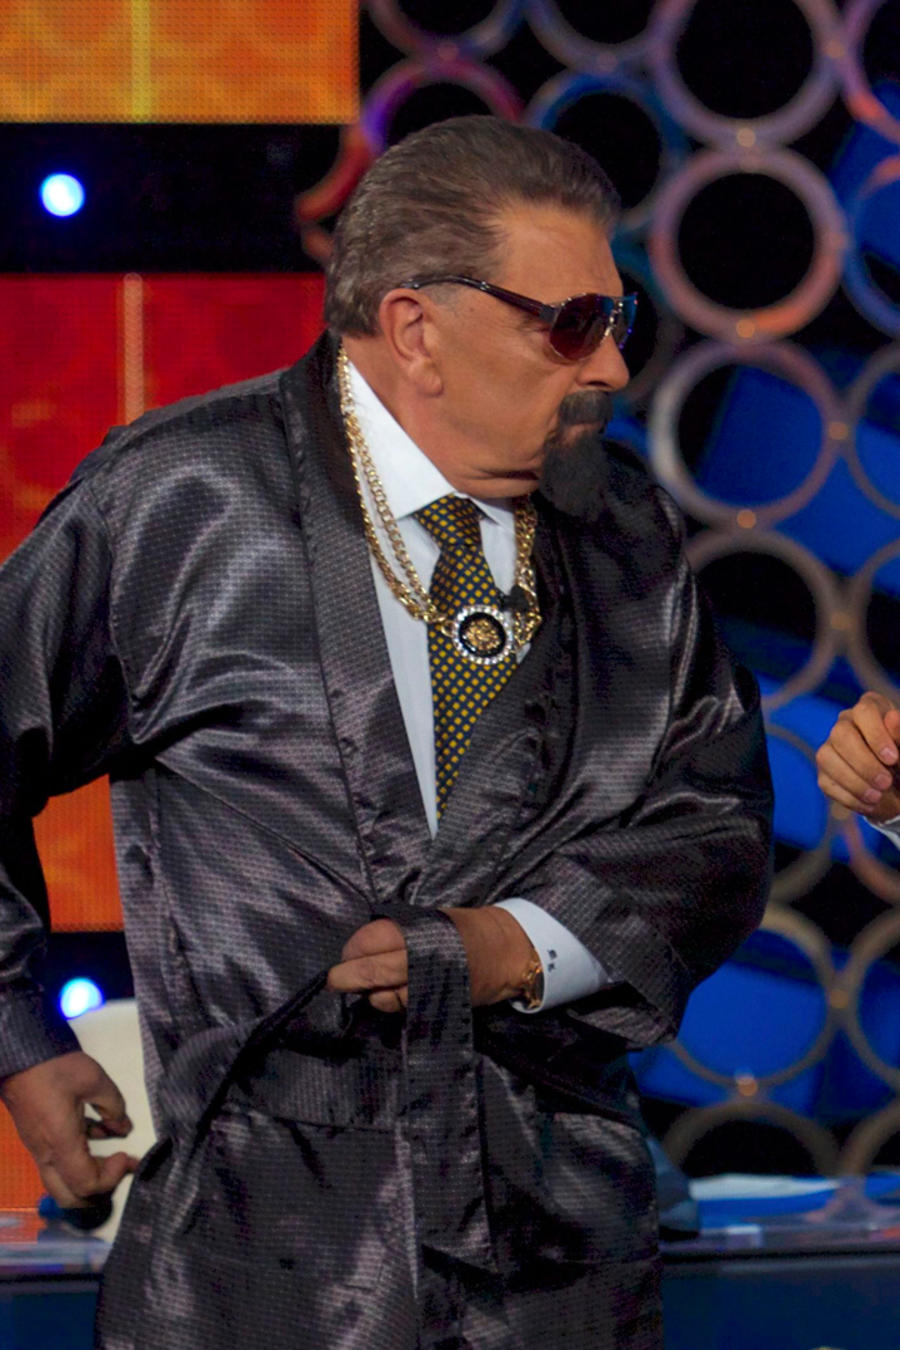 Don Francisco junto a Eugenio Derbez en acto de comedia en Don Francisco Te Invita